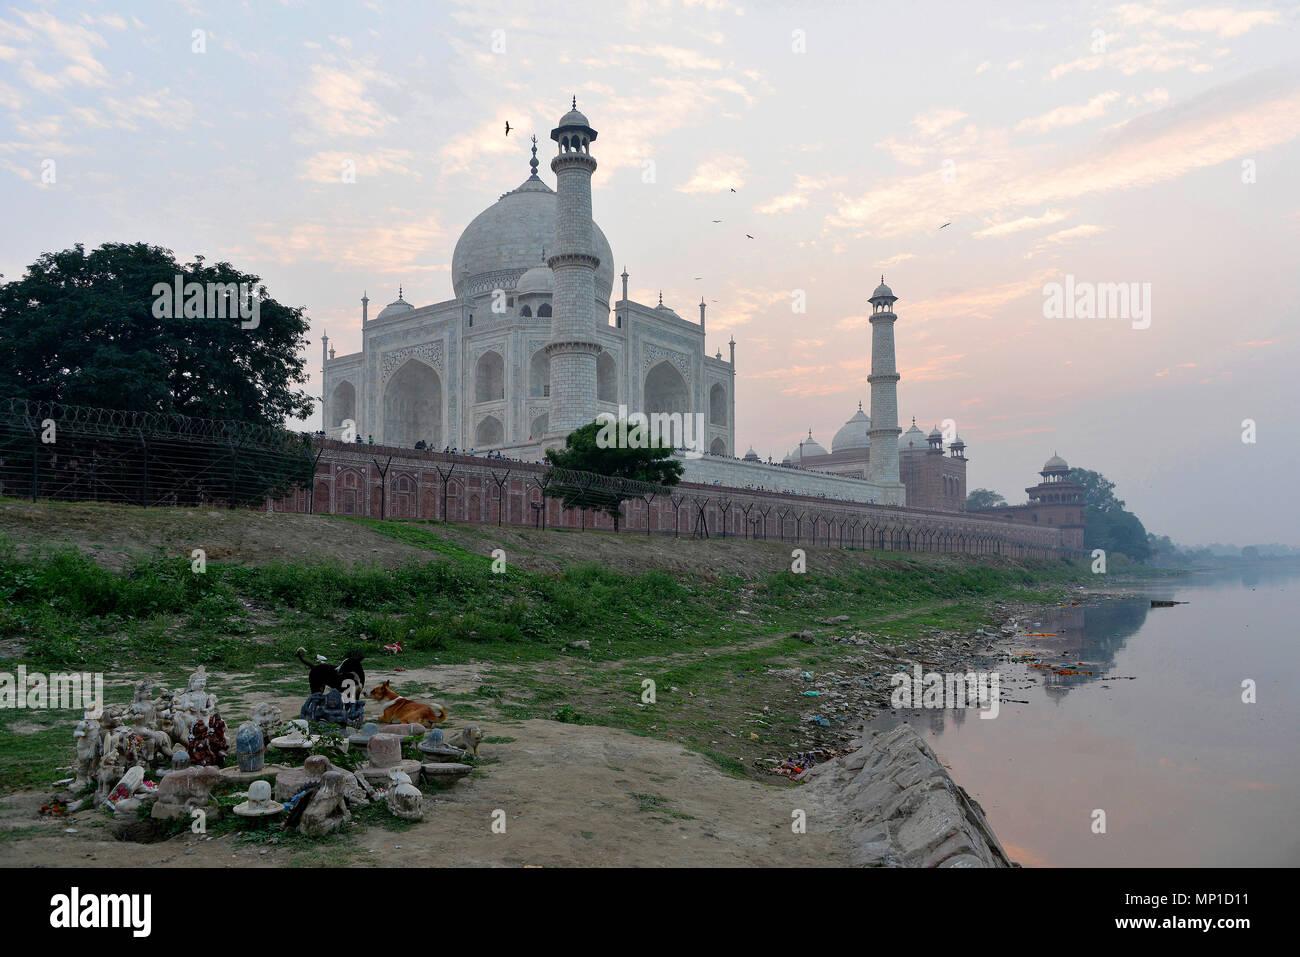 Blick auf das Taj Mahal aus dem Nordosten, Angebote am Ufer des Yamuna Flusses, ?gra, Uttar Pradesh, Indien Stockbild